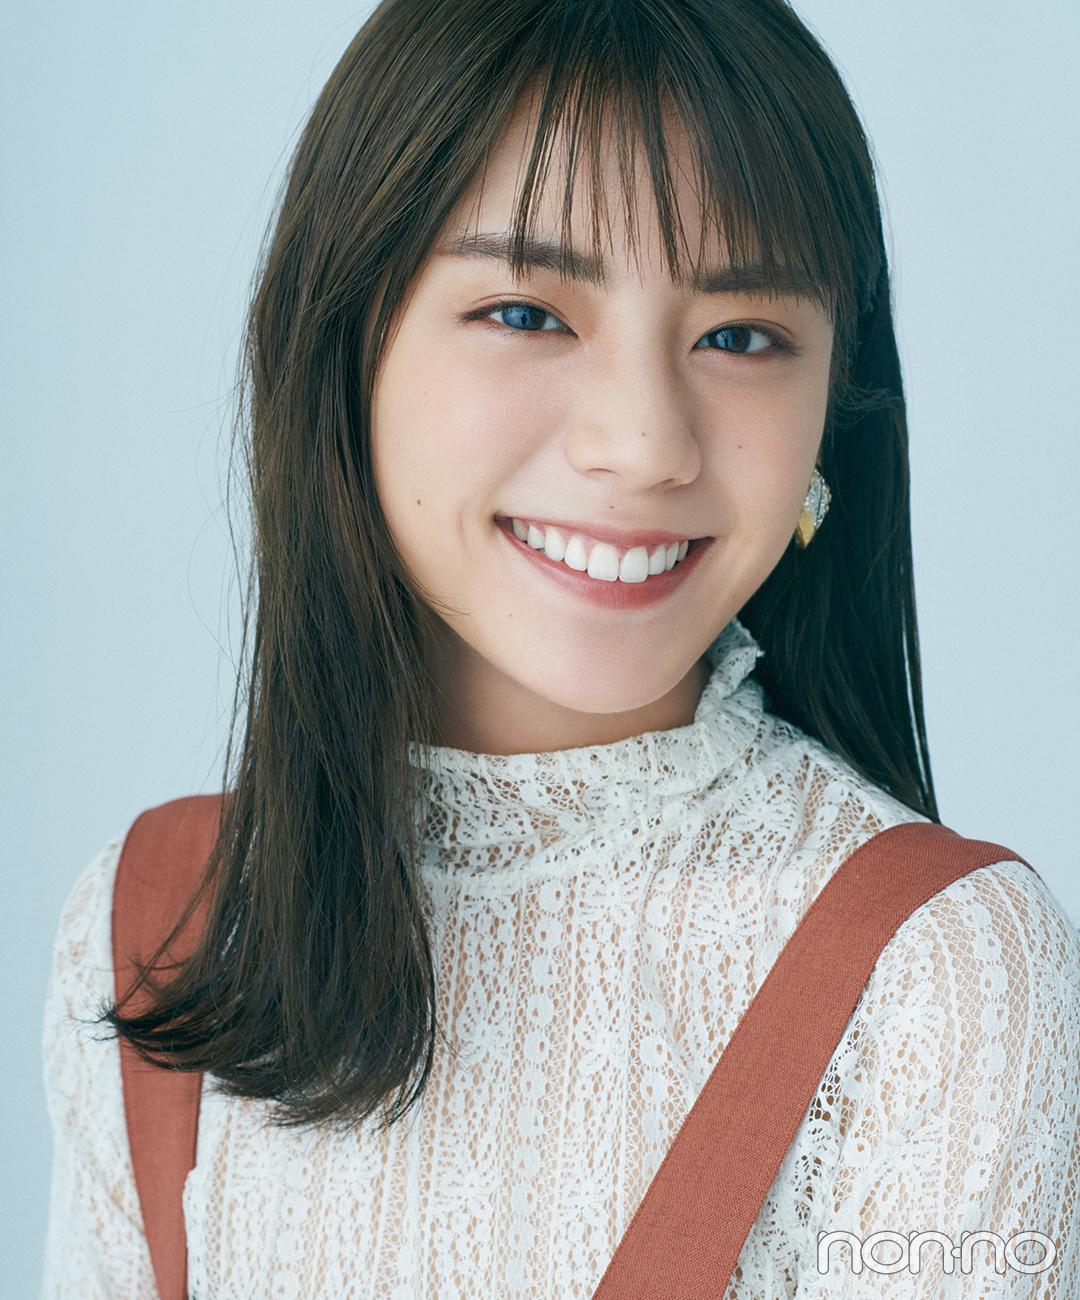 Photo Gallery 天気予報の女神&大人気モデル! 貴島明日香フォトギャラリー_1_35